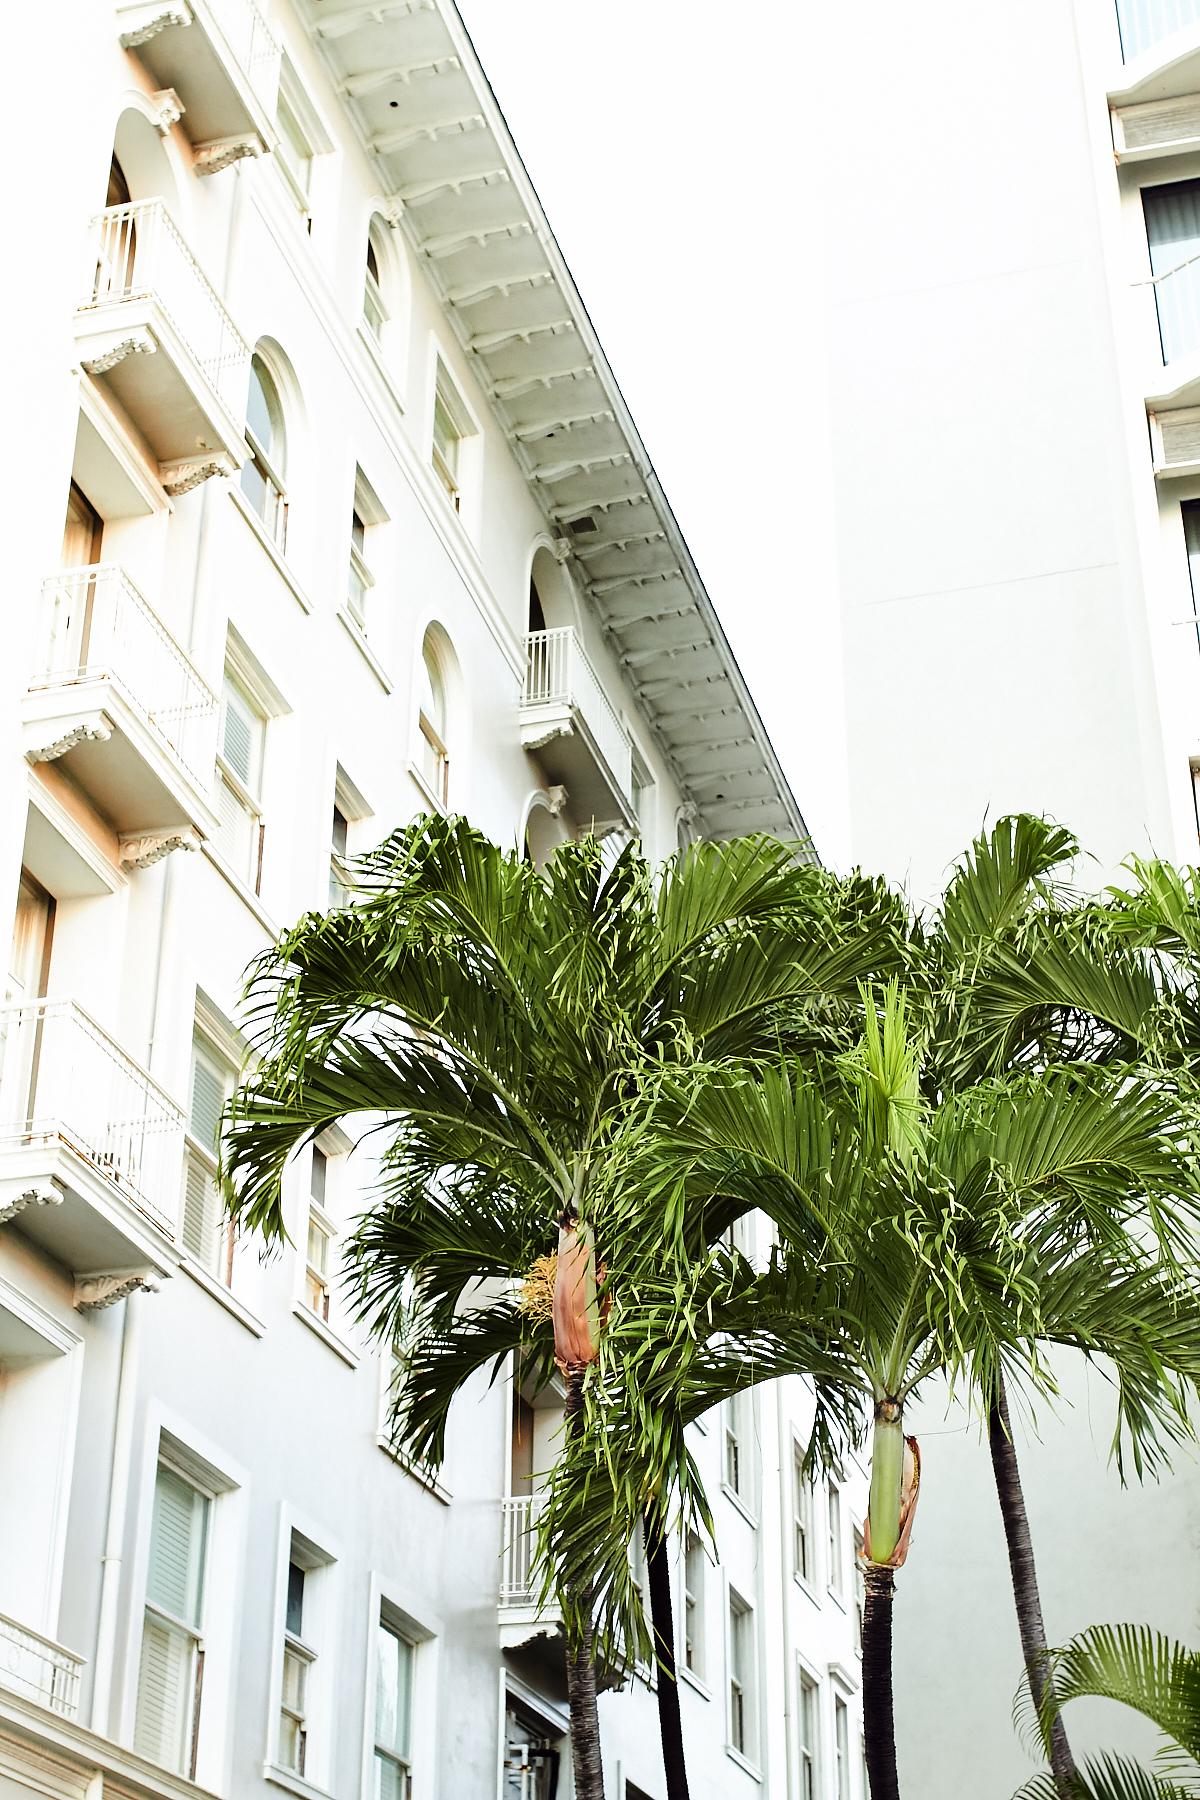 Moana Surfrider Hotel, Waikiki Beach Hawaii